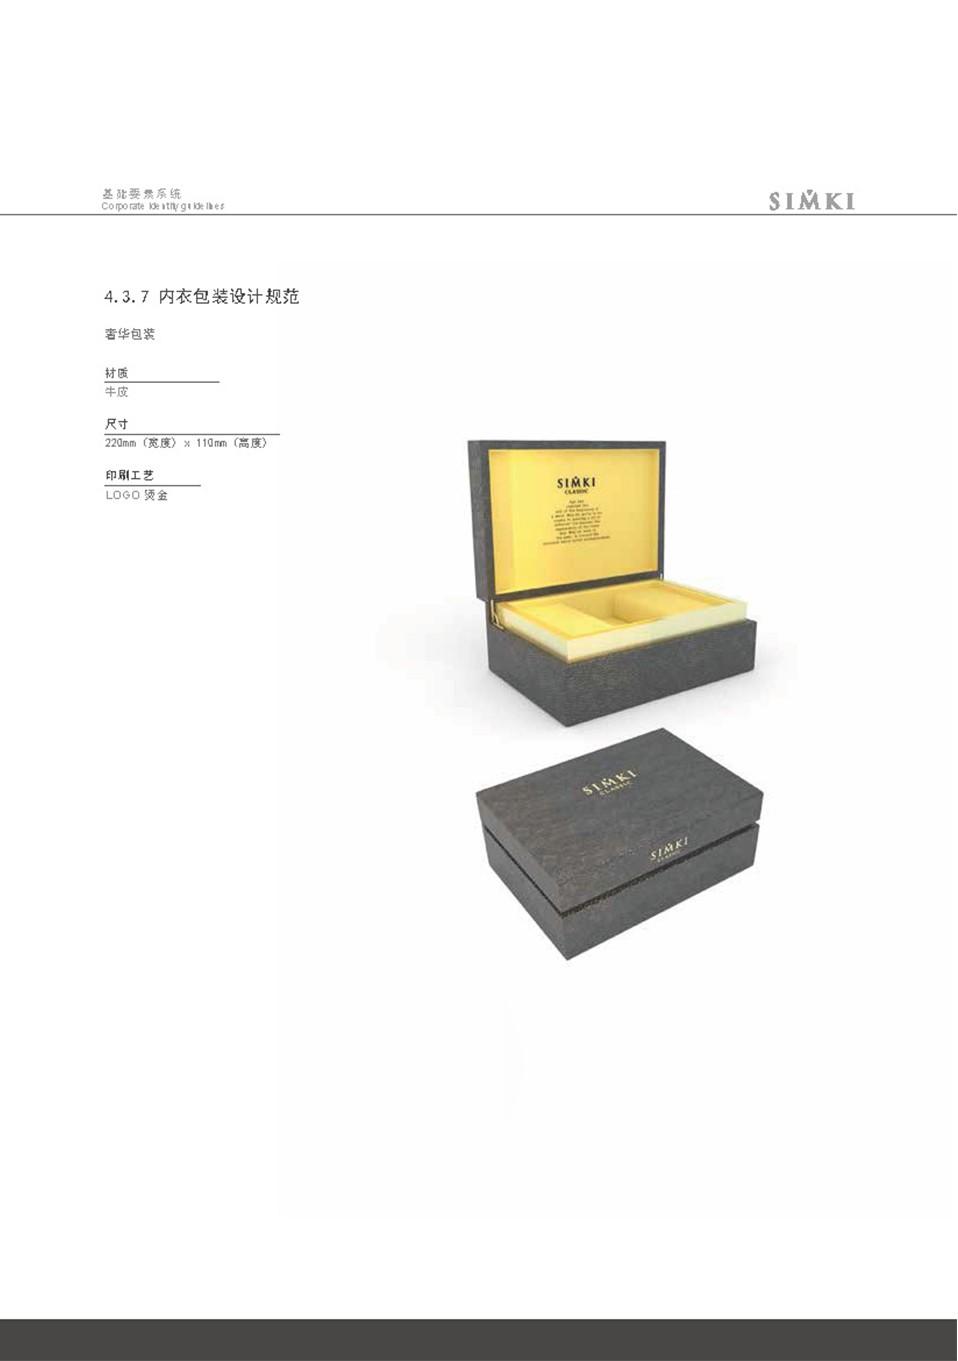 vi设计-品牌设计-画册设计-论坛活动设计_04